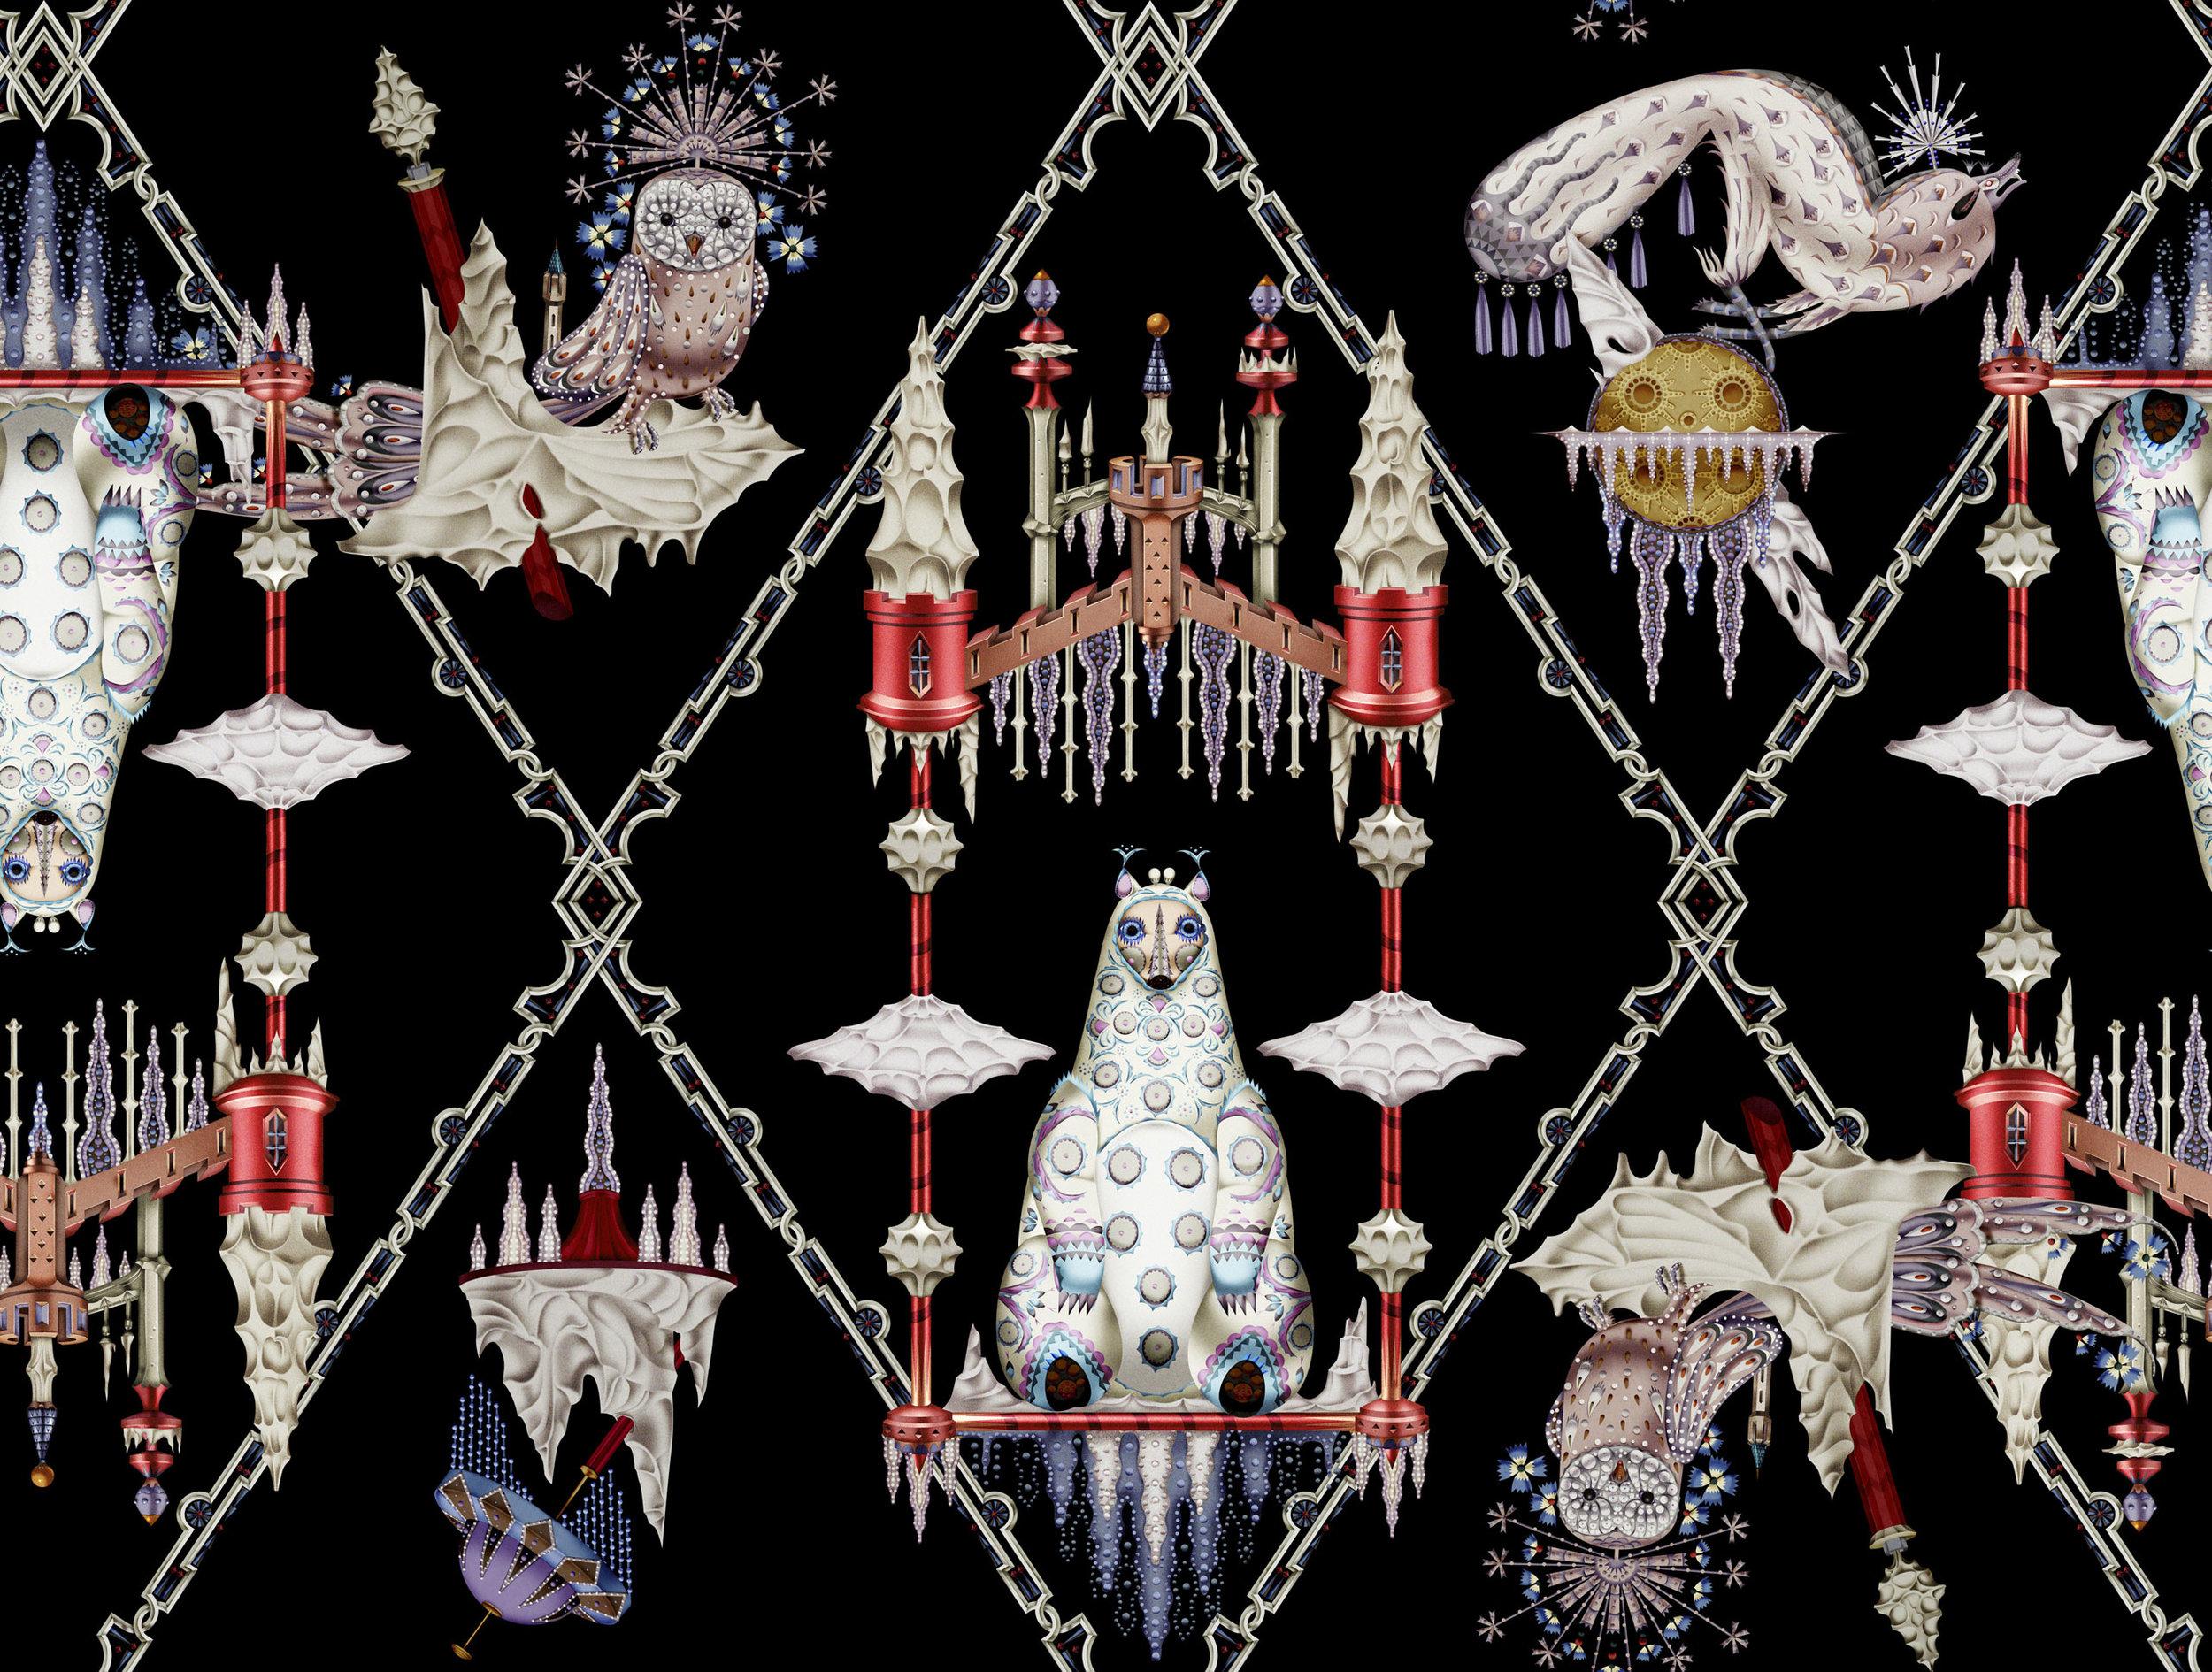 9_klaus_haapaniemi_polar_byzantine_broadloom-300dpi-moooi-carpets_mdw16_yatzer.jpg